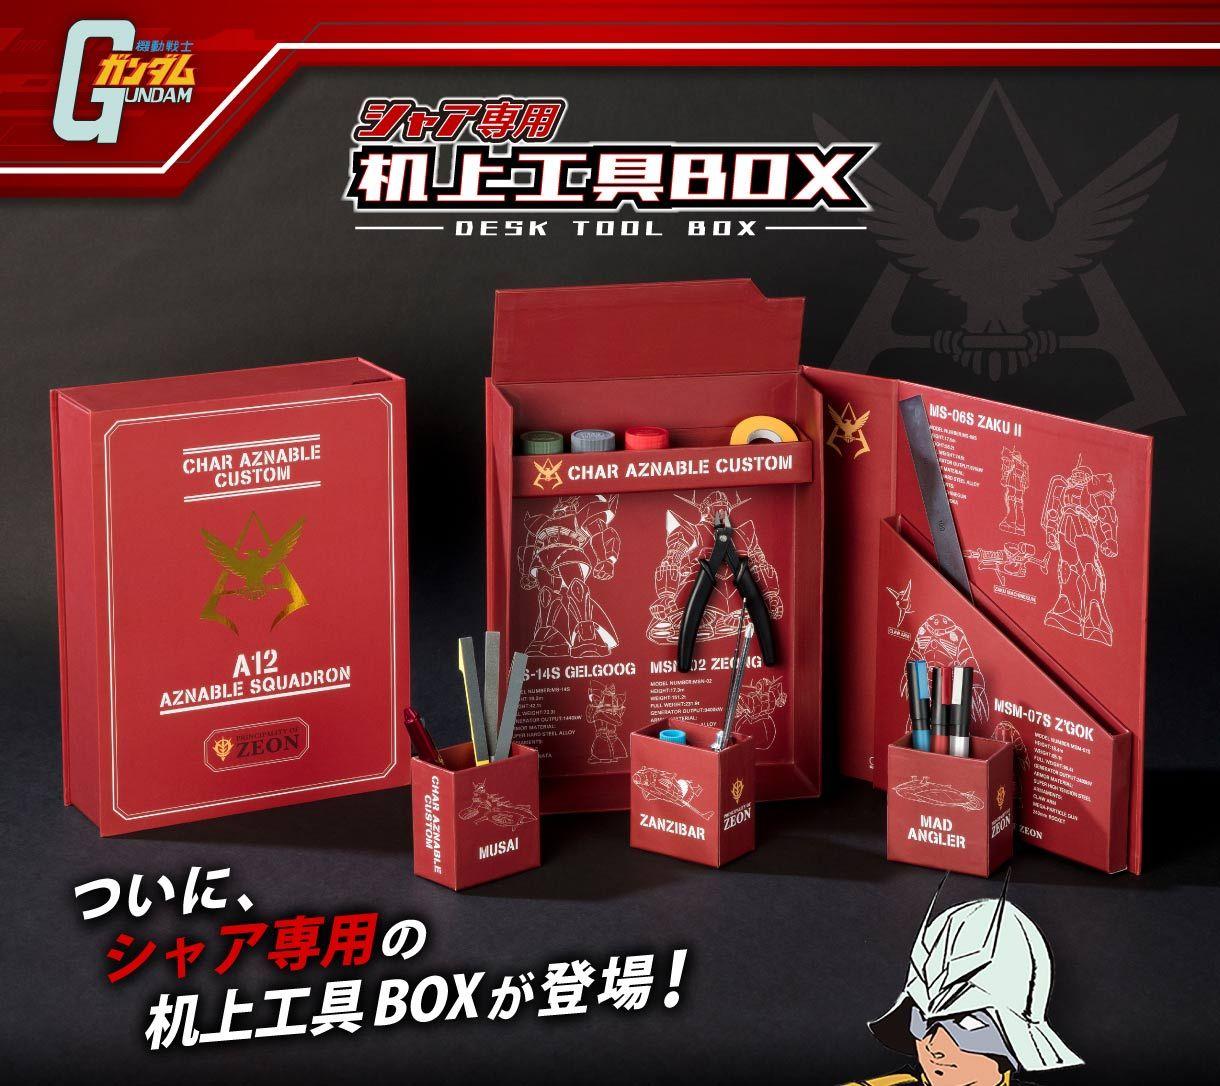 シャア専用机上工具BOX